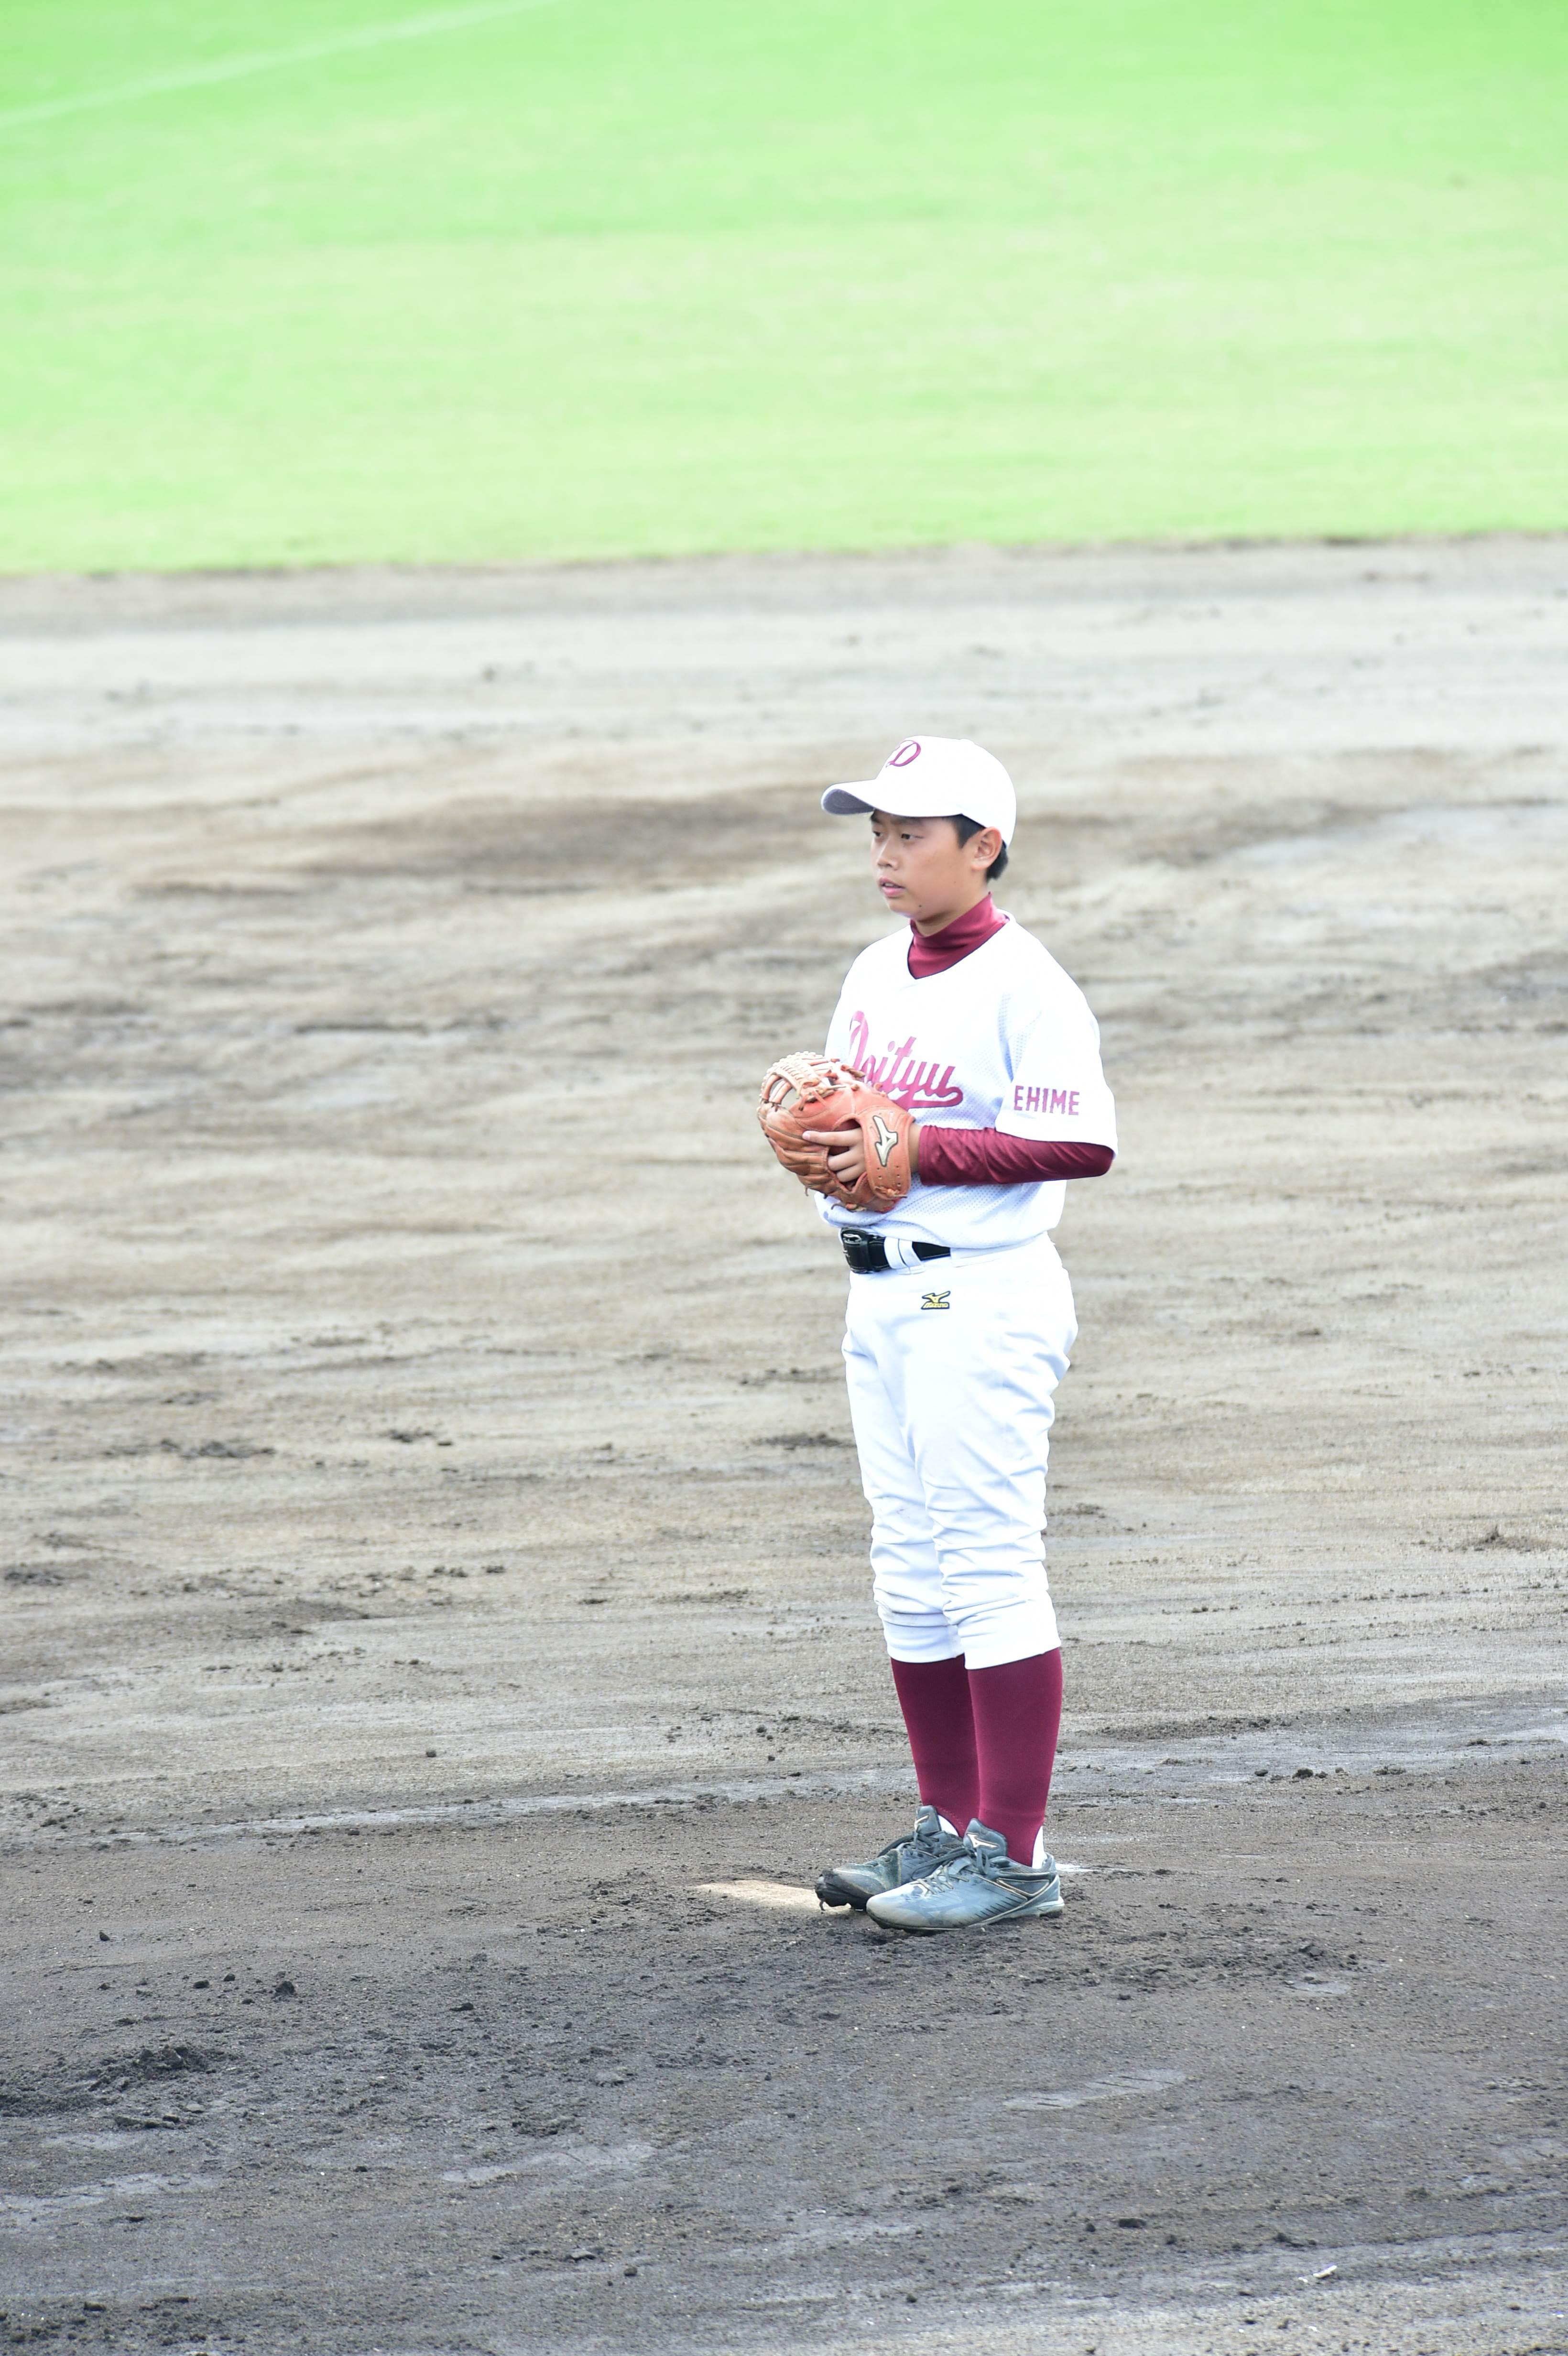 軟式野球 (16)